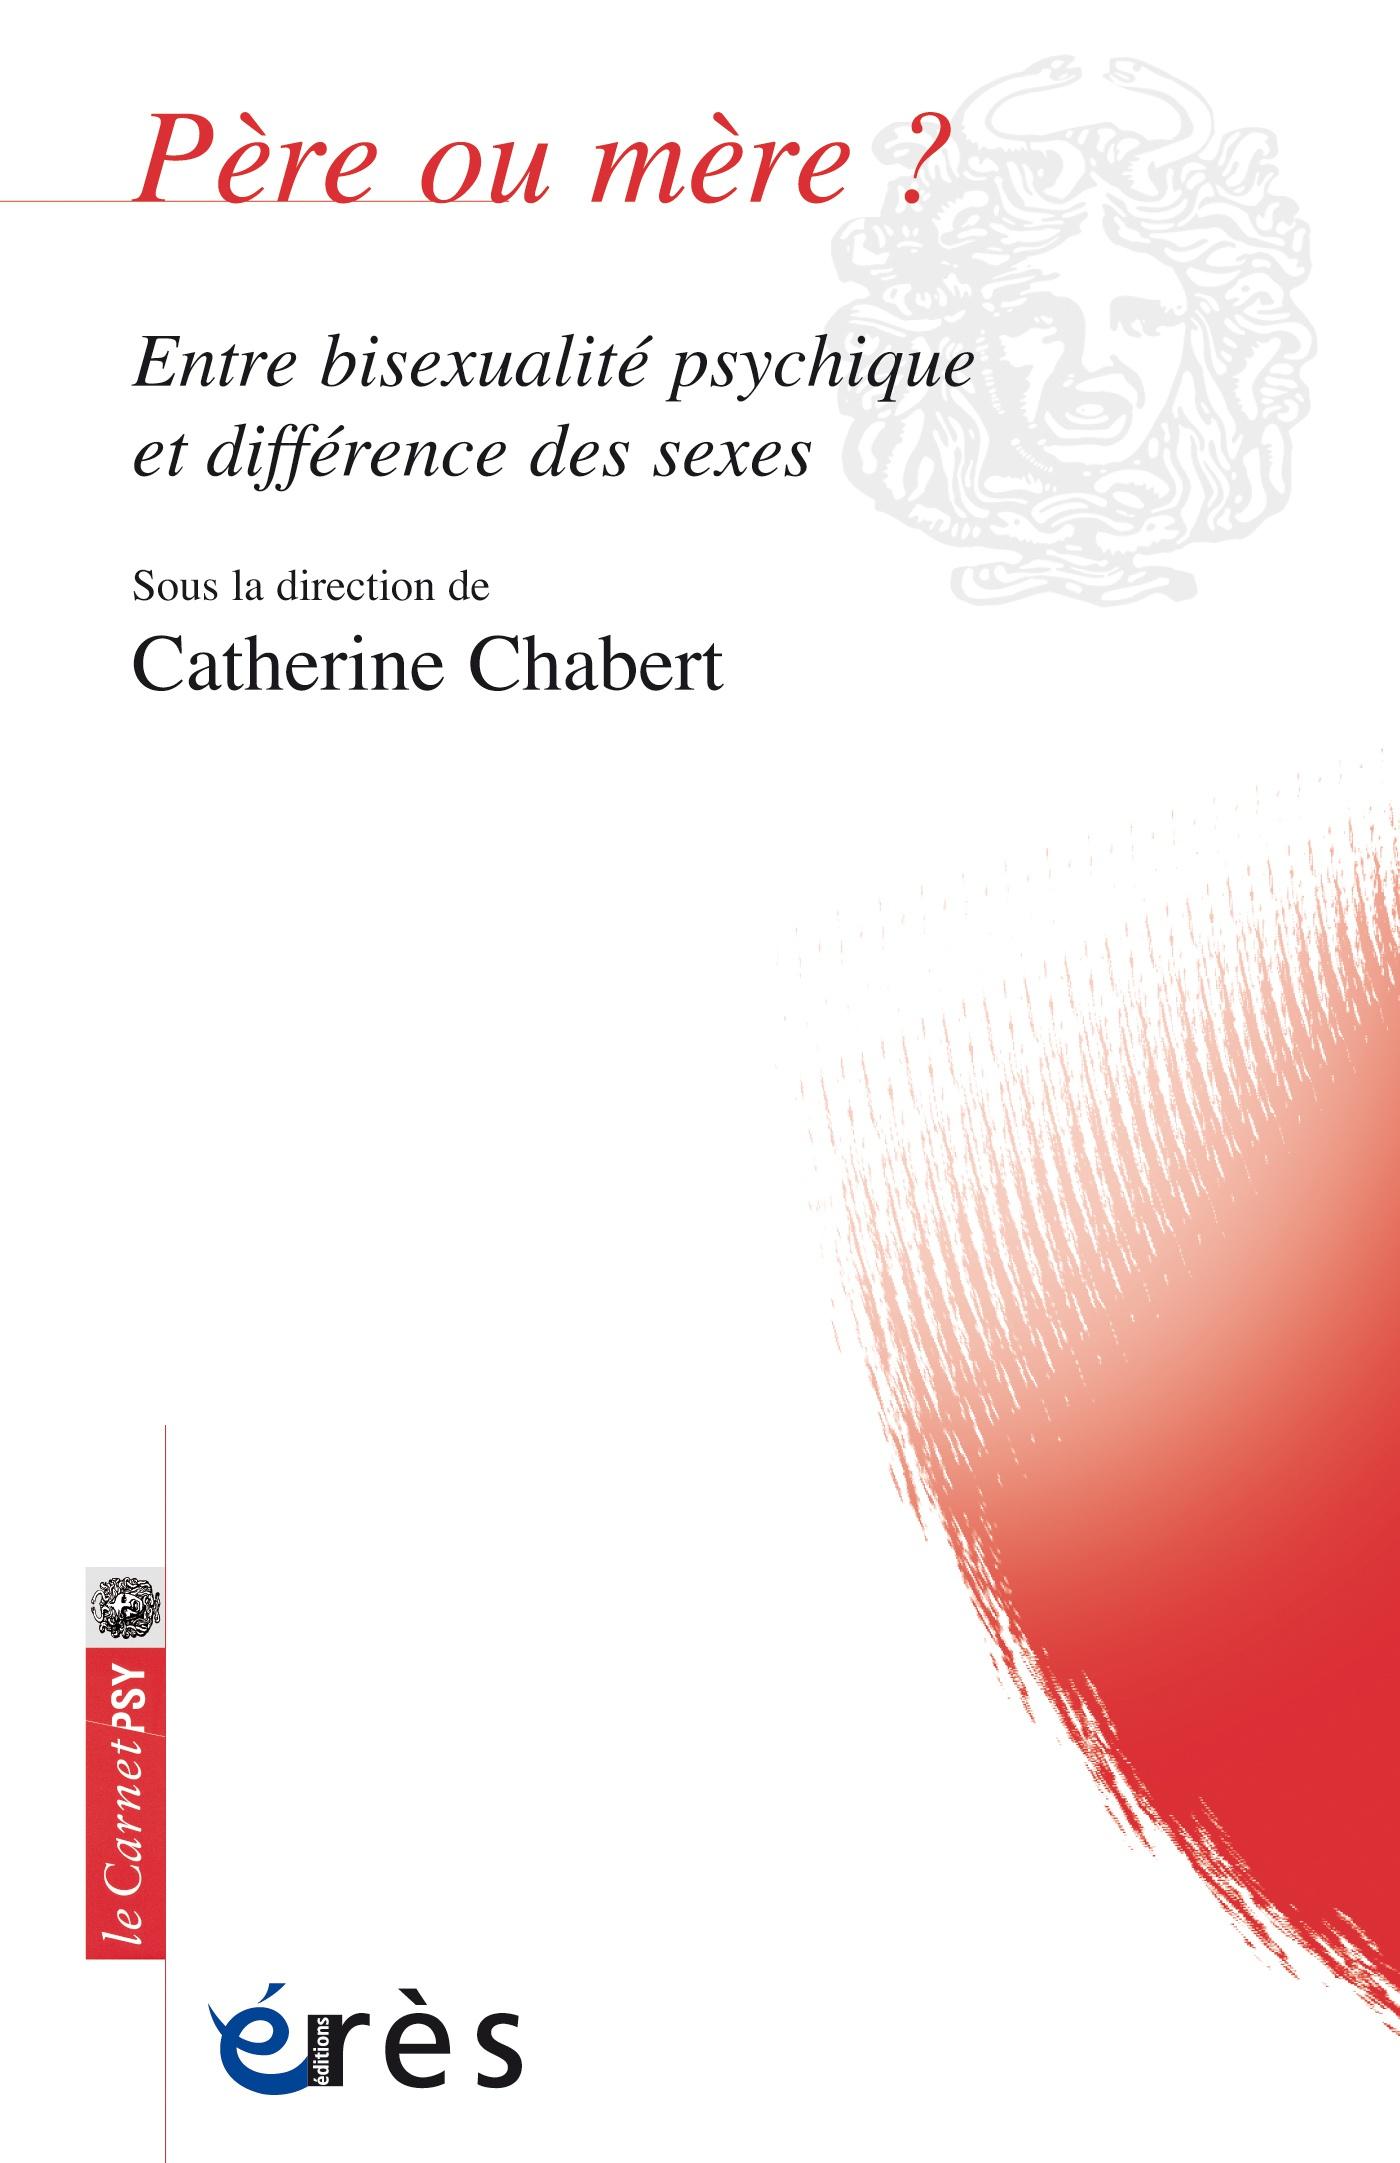 classic style save off entire collection Un tourment de la bisexualité : la jalousie | Cairn.info